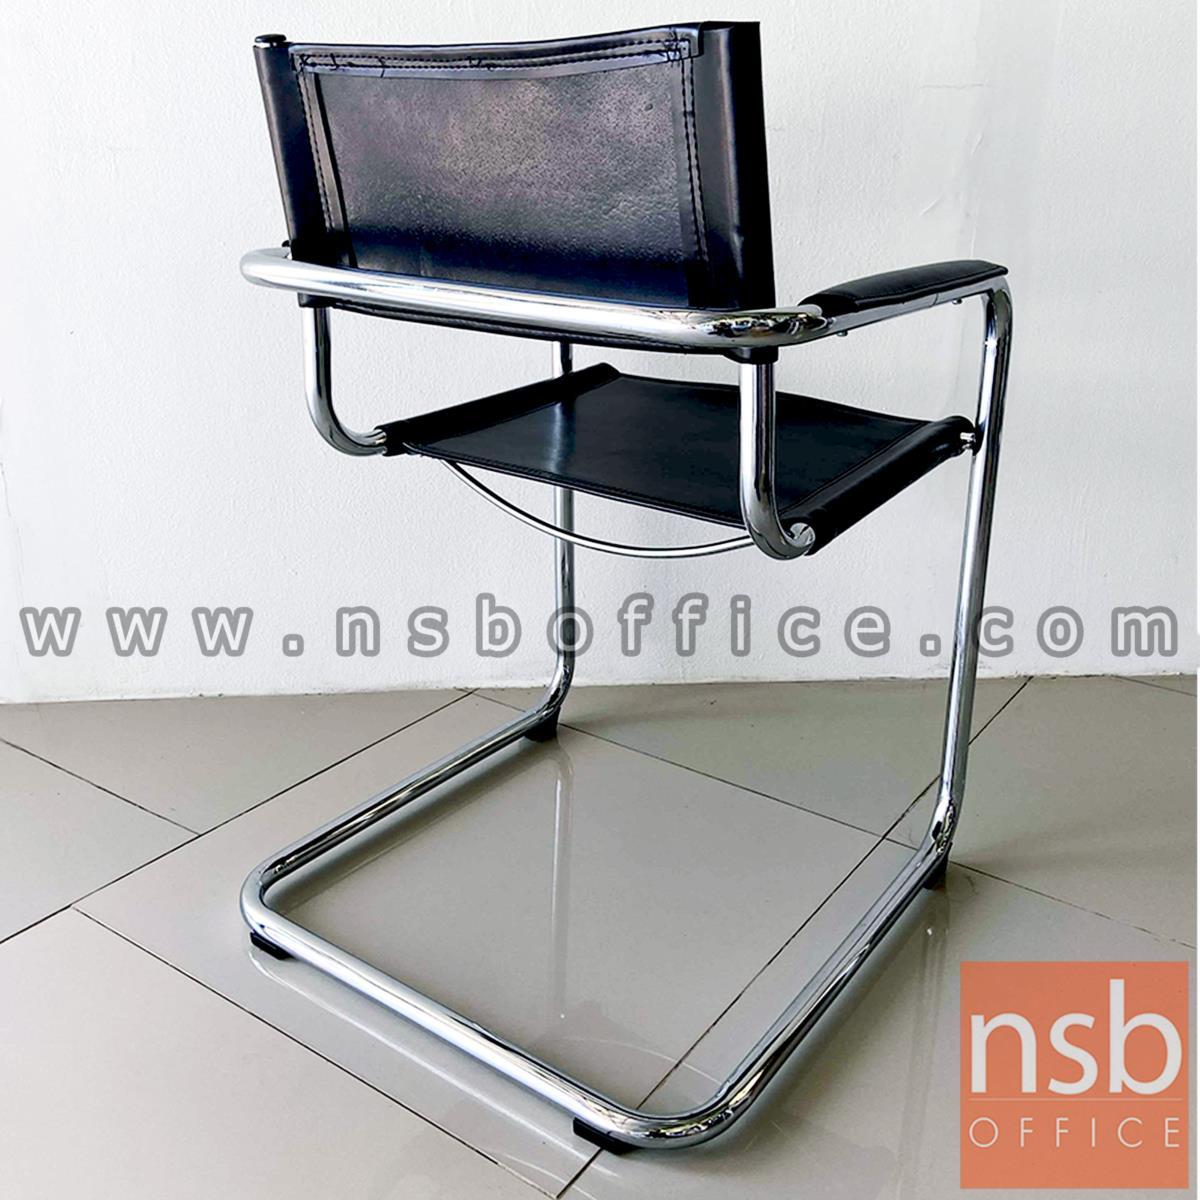 เก้าอี้อเนกประสงค์ รุ่น blackmagic (แบล็กเมจิก)  โครงเหล็กโครเมี่ยม